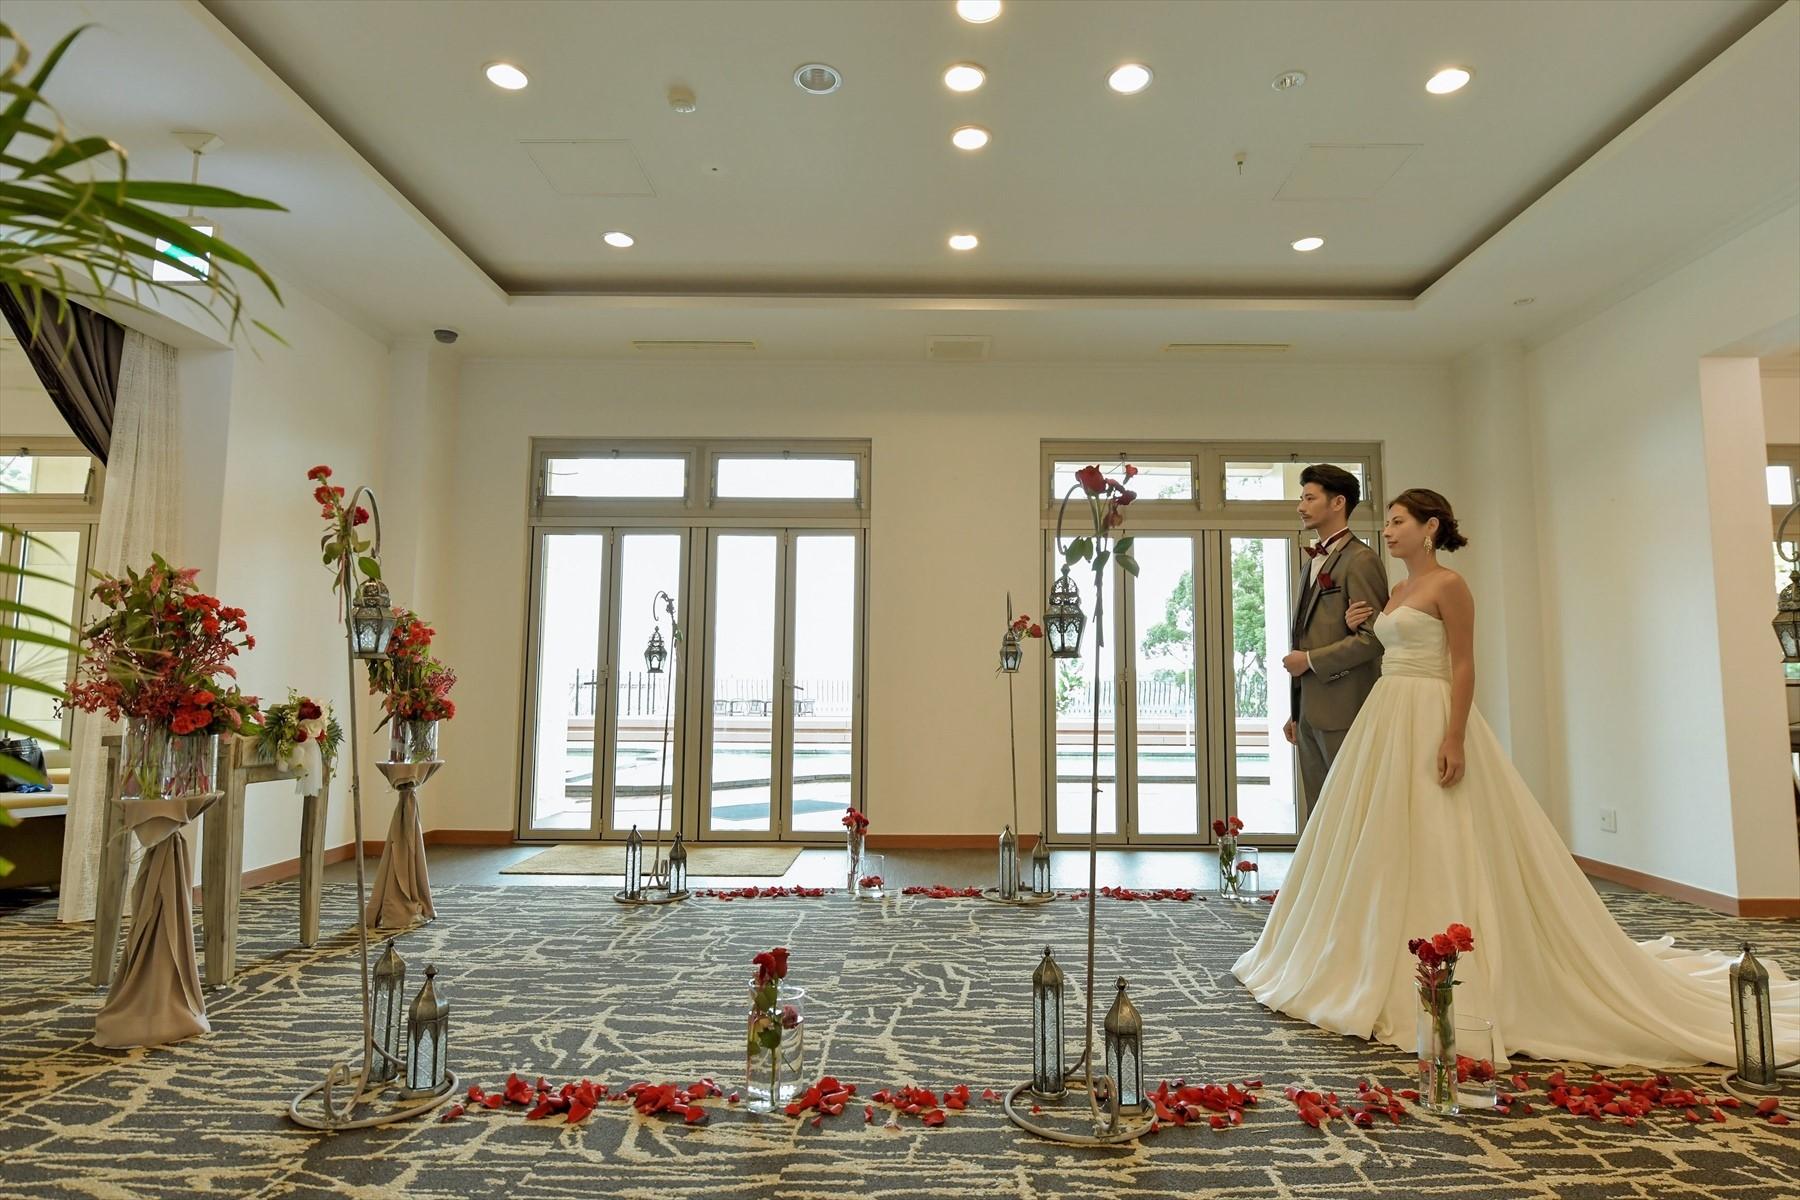 静岡邸宅結婚式 静岡結婚式一軒家 ウェディングドレスレンタル